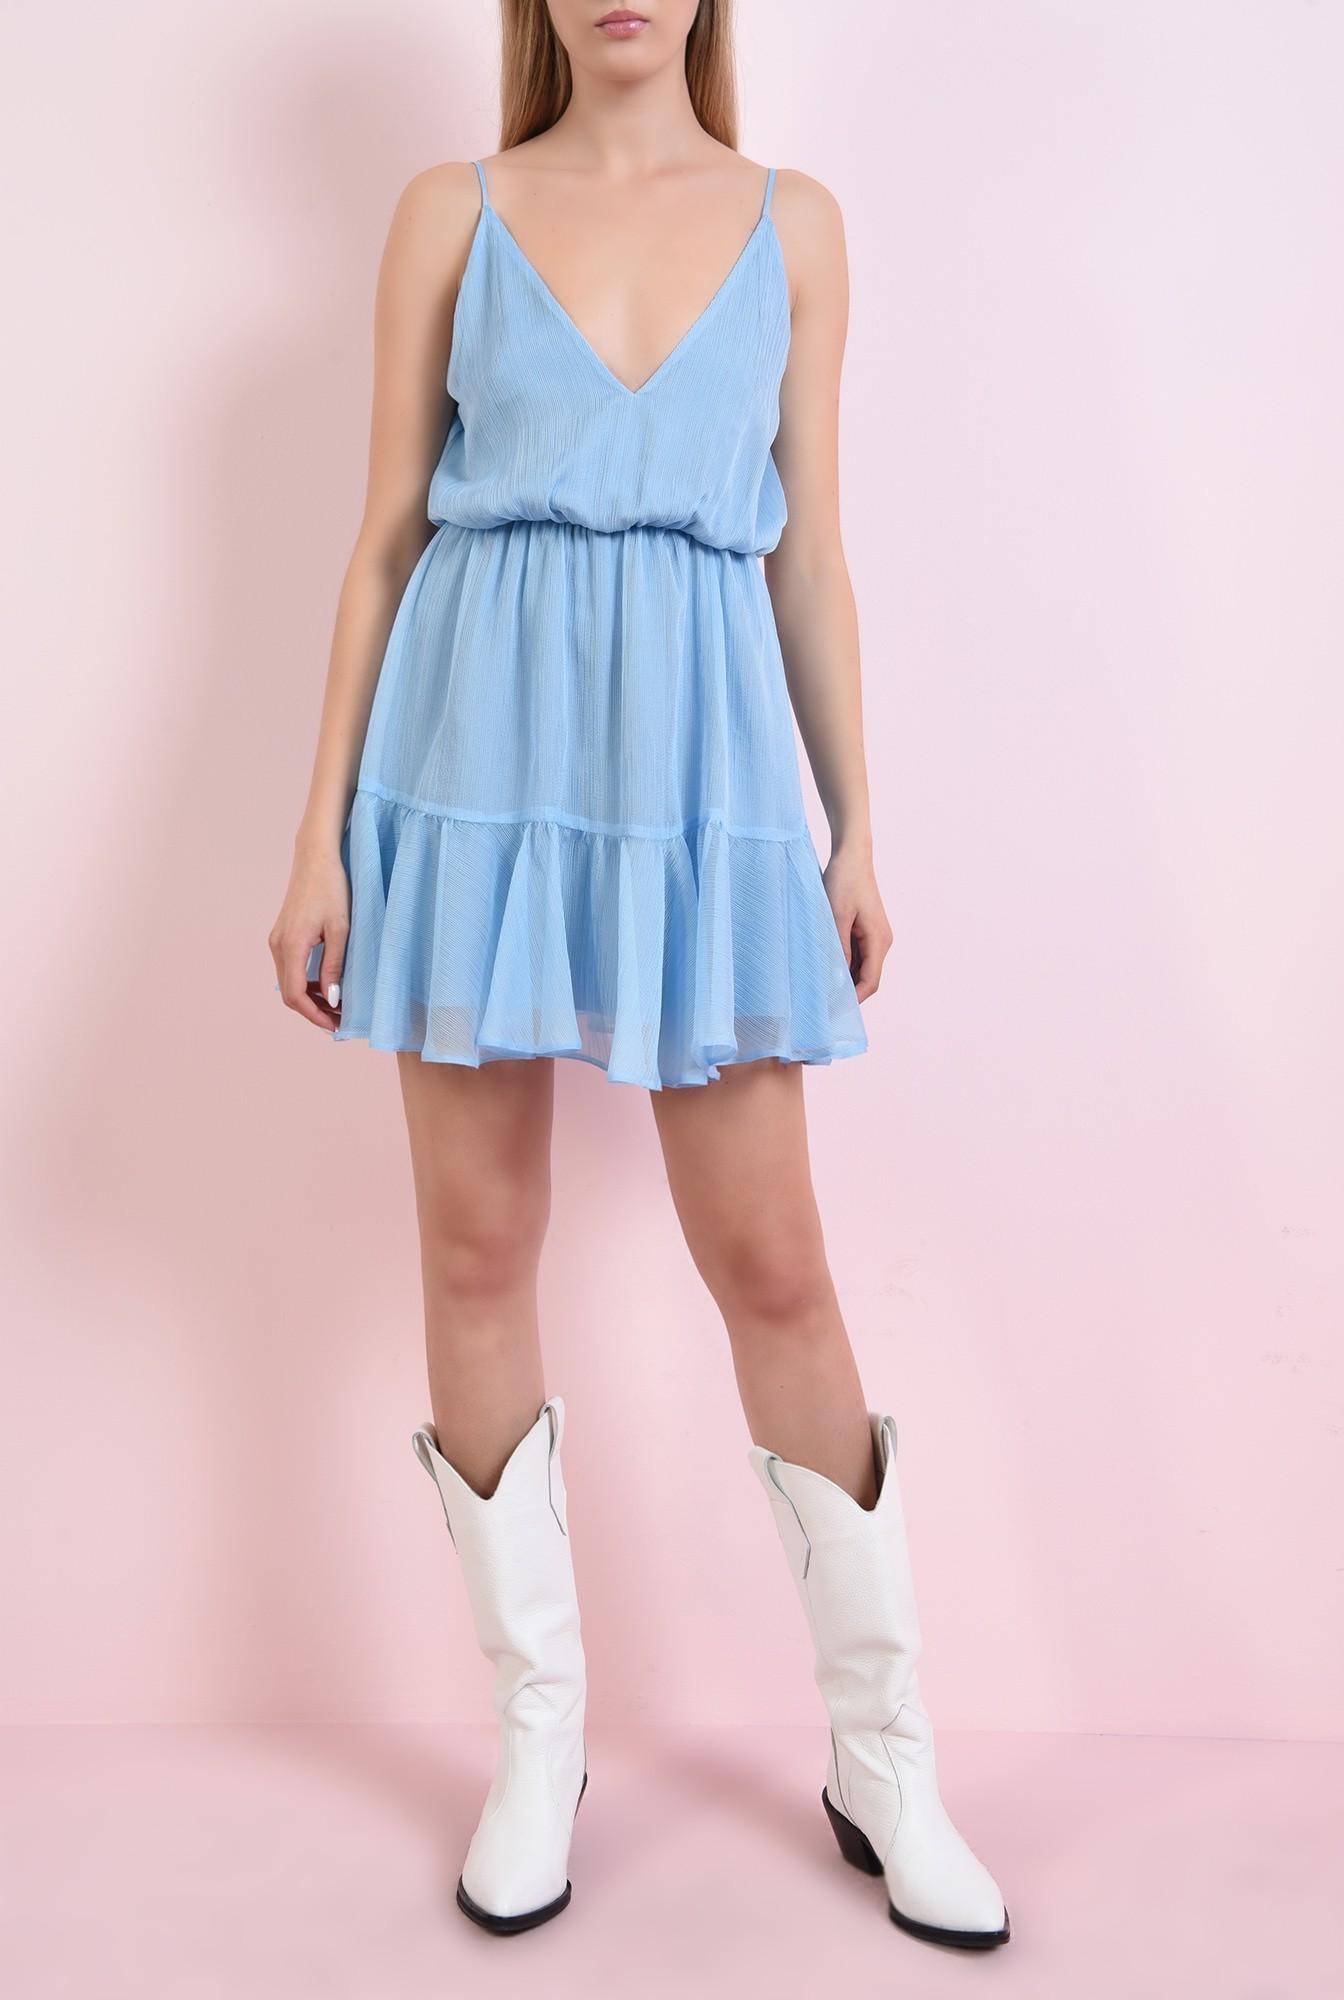 2 - 360 - rochie bleu, cu bretele, stransa la talie